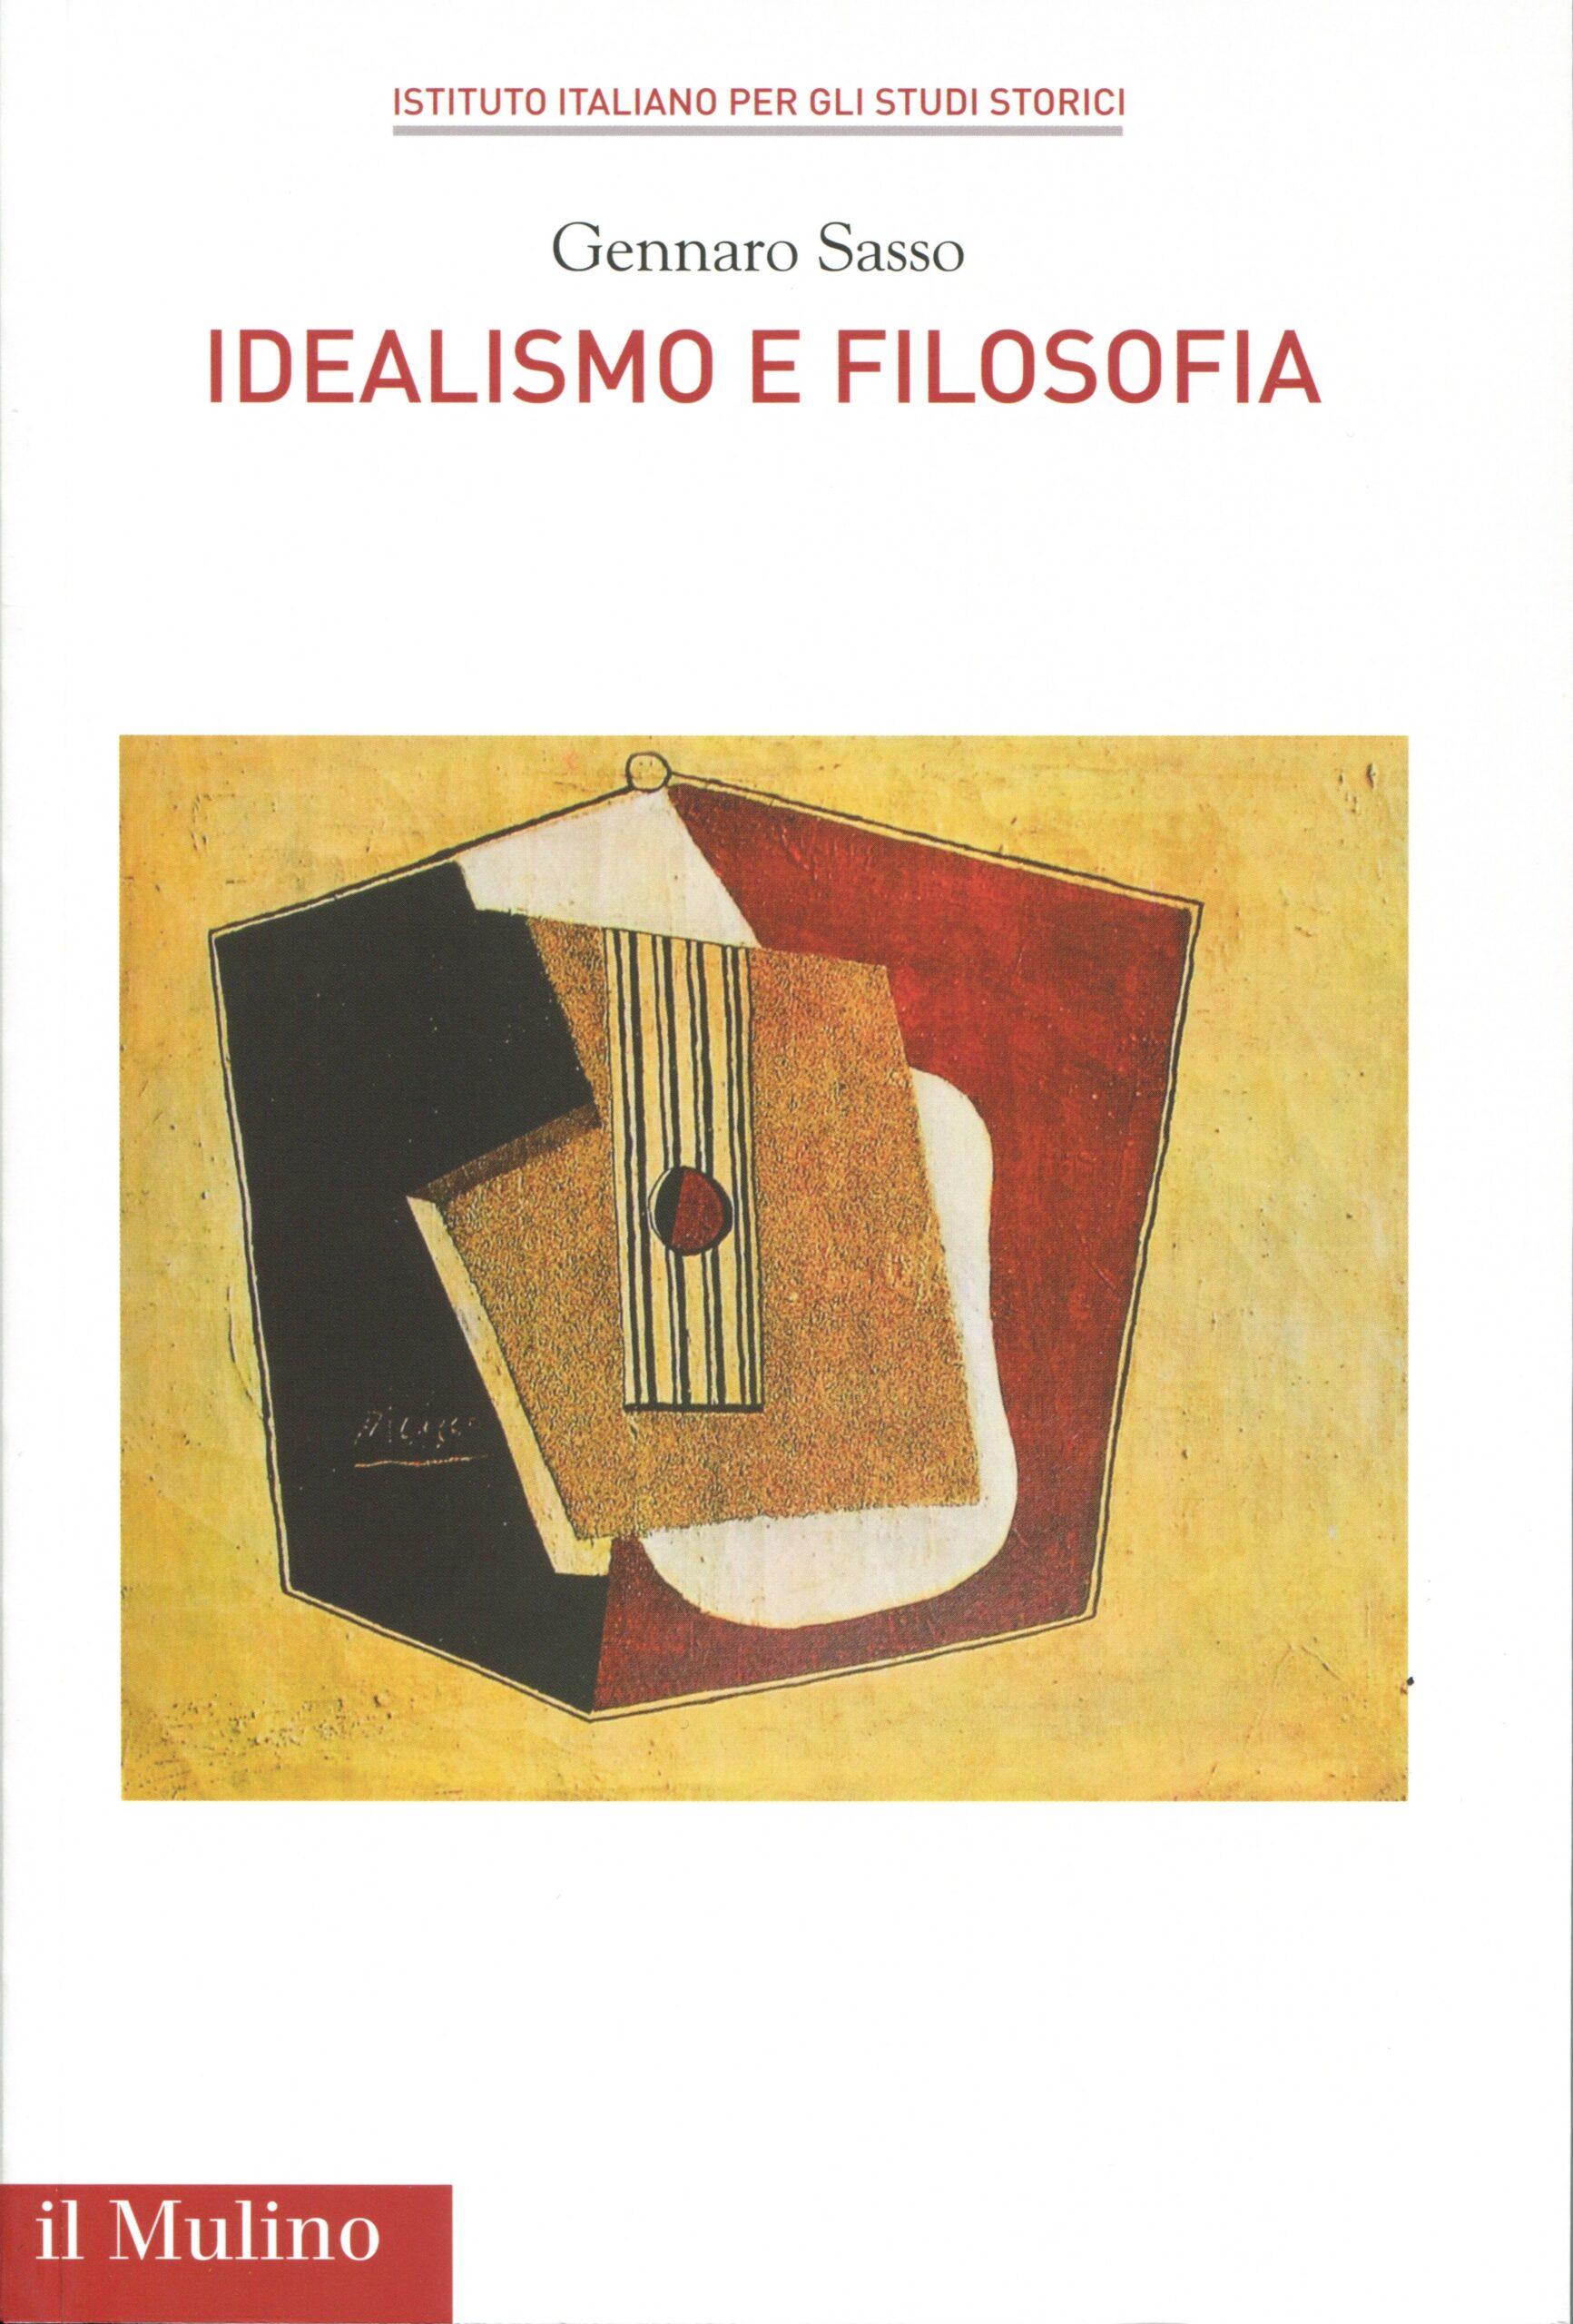 Idealismo e filosofia di Gennaro Sasso